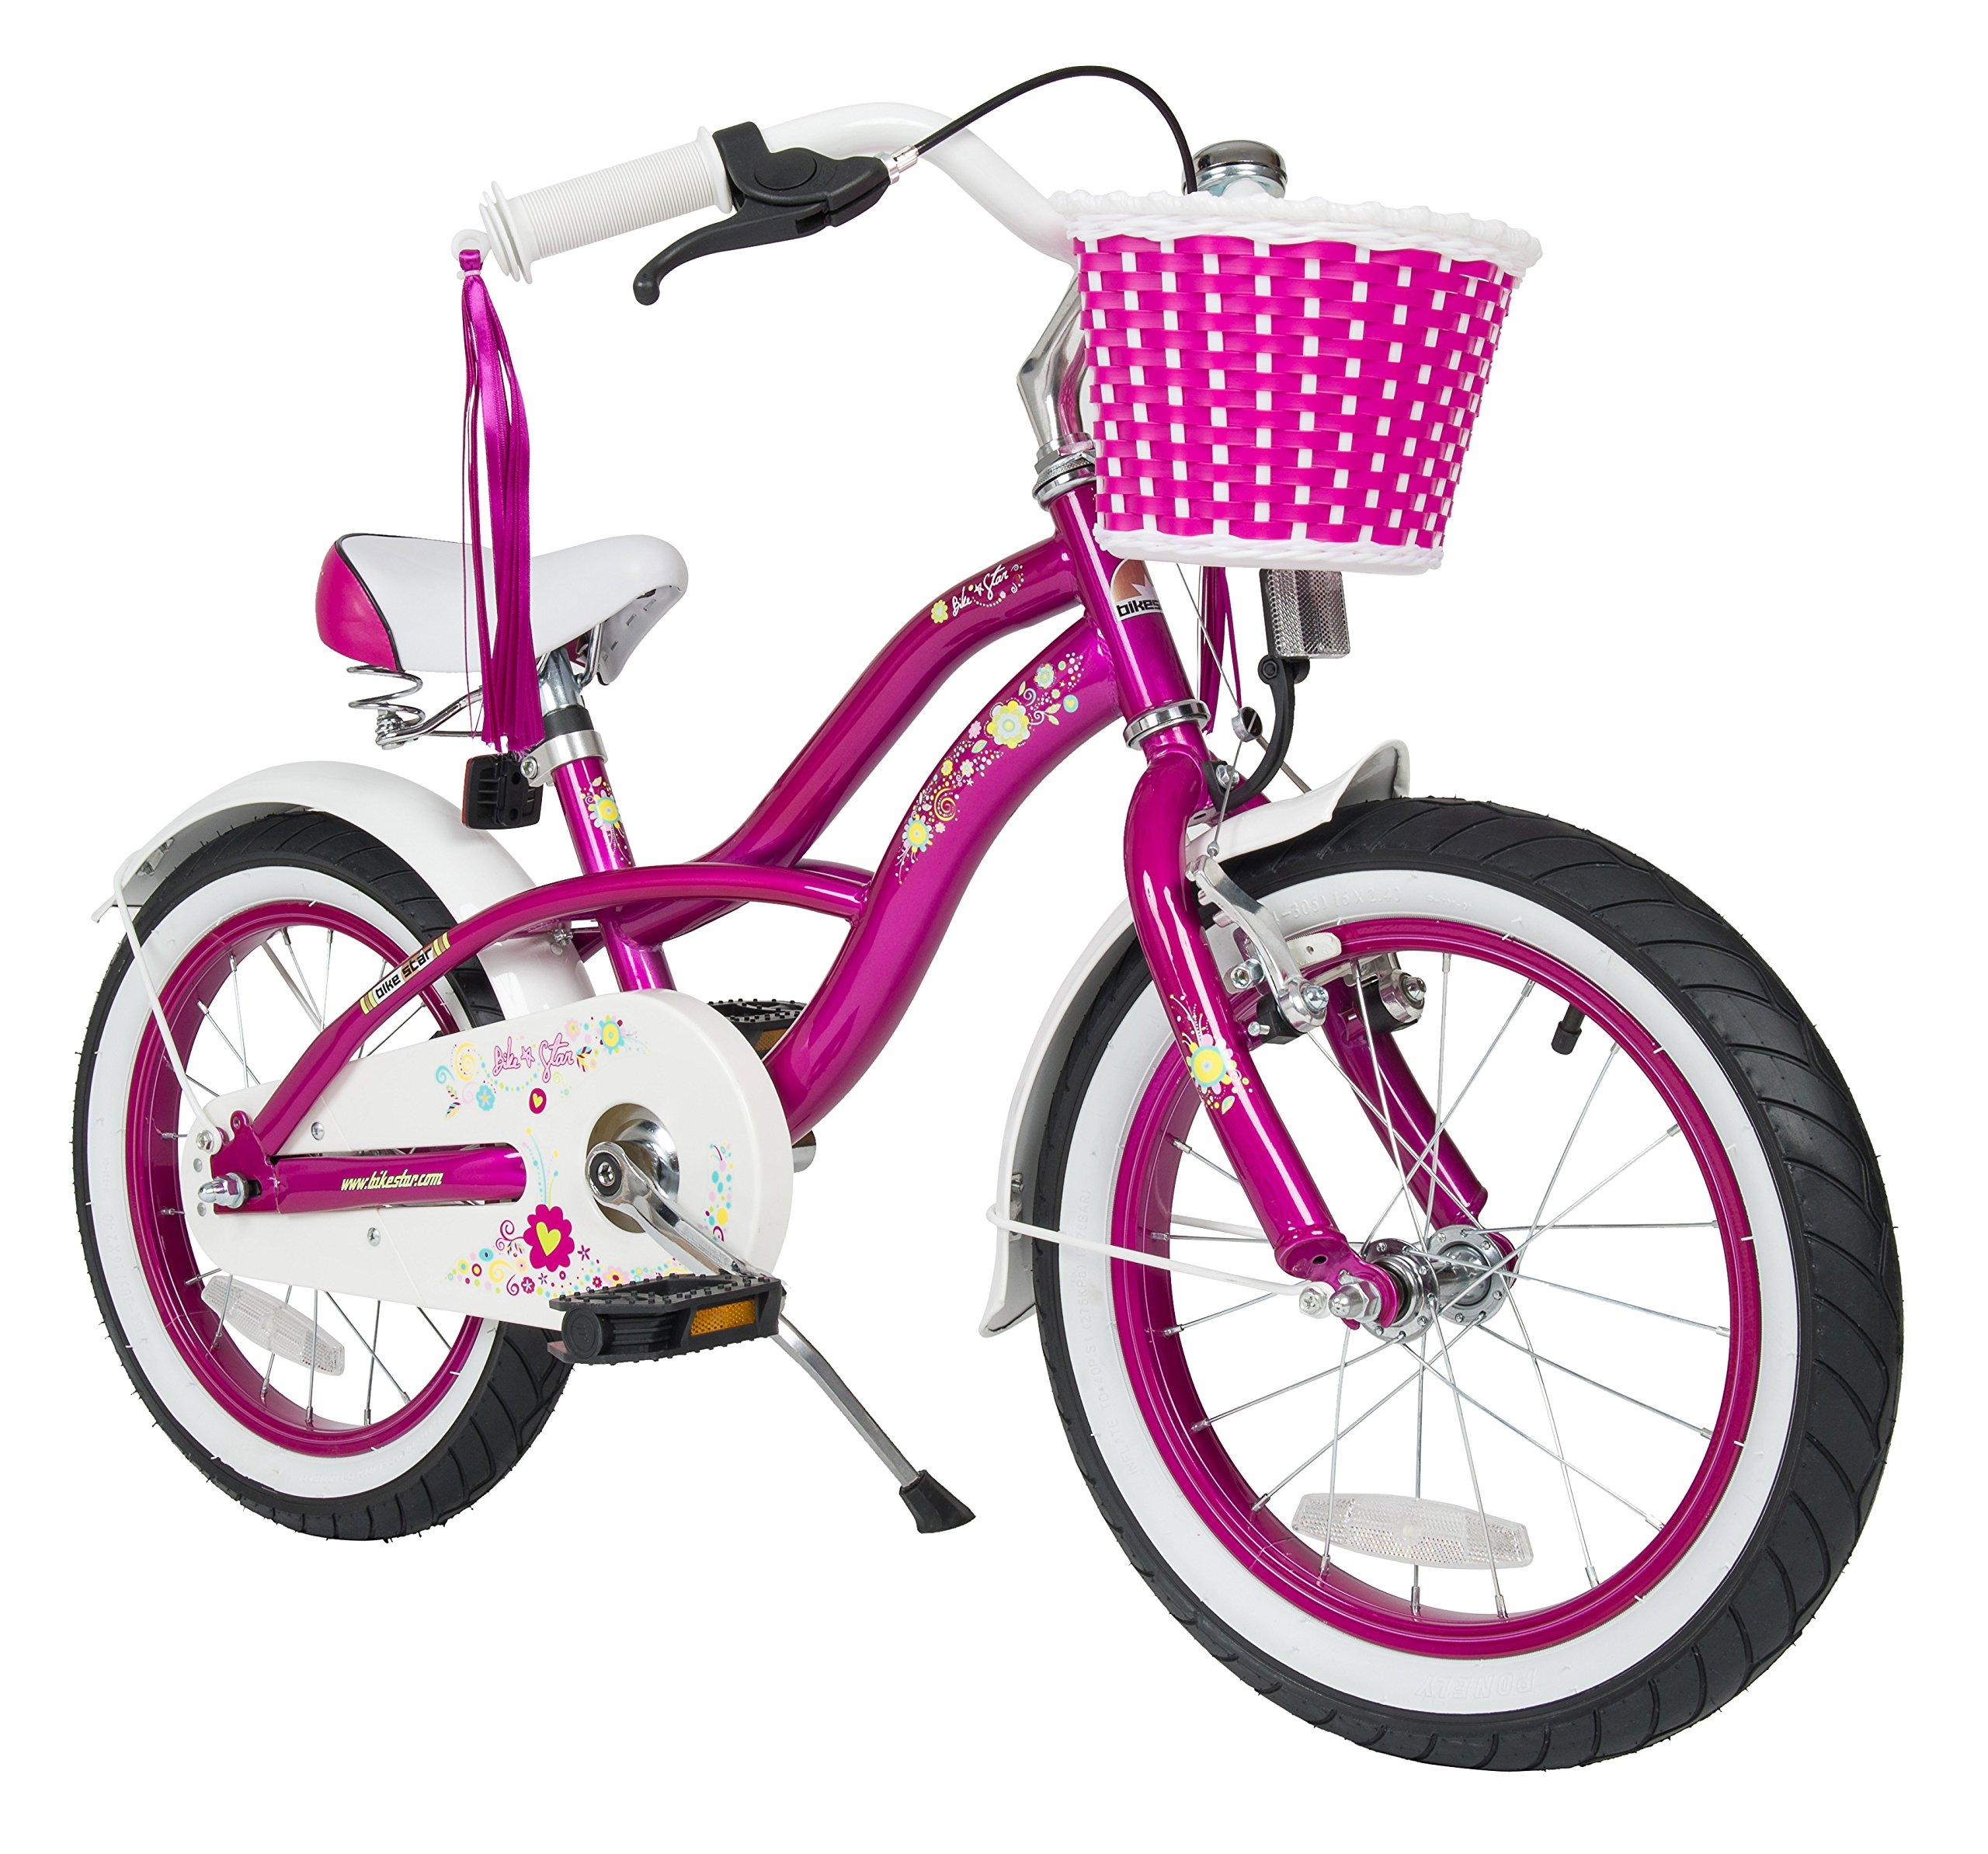 BIKESTAR® Premium Design Bicicletta per Bambini mitico! Giù 4 anno ? Edizioni 16ª Deluxe Cruiser ? A